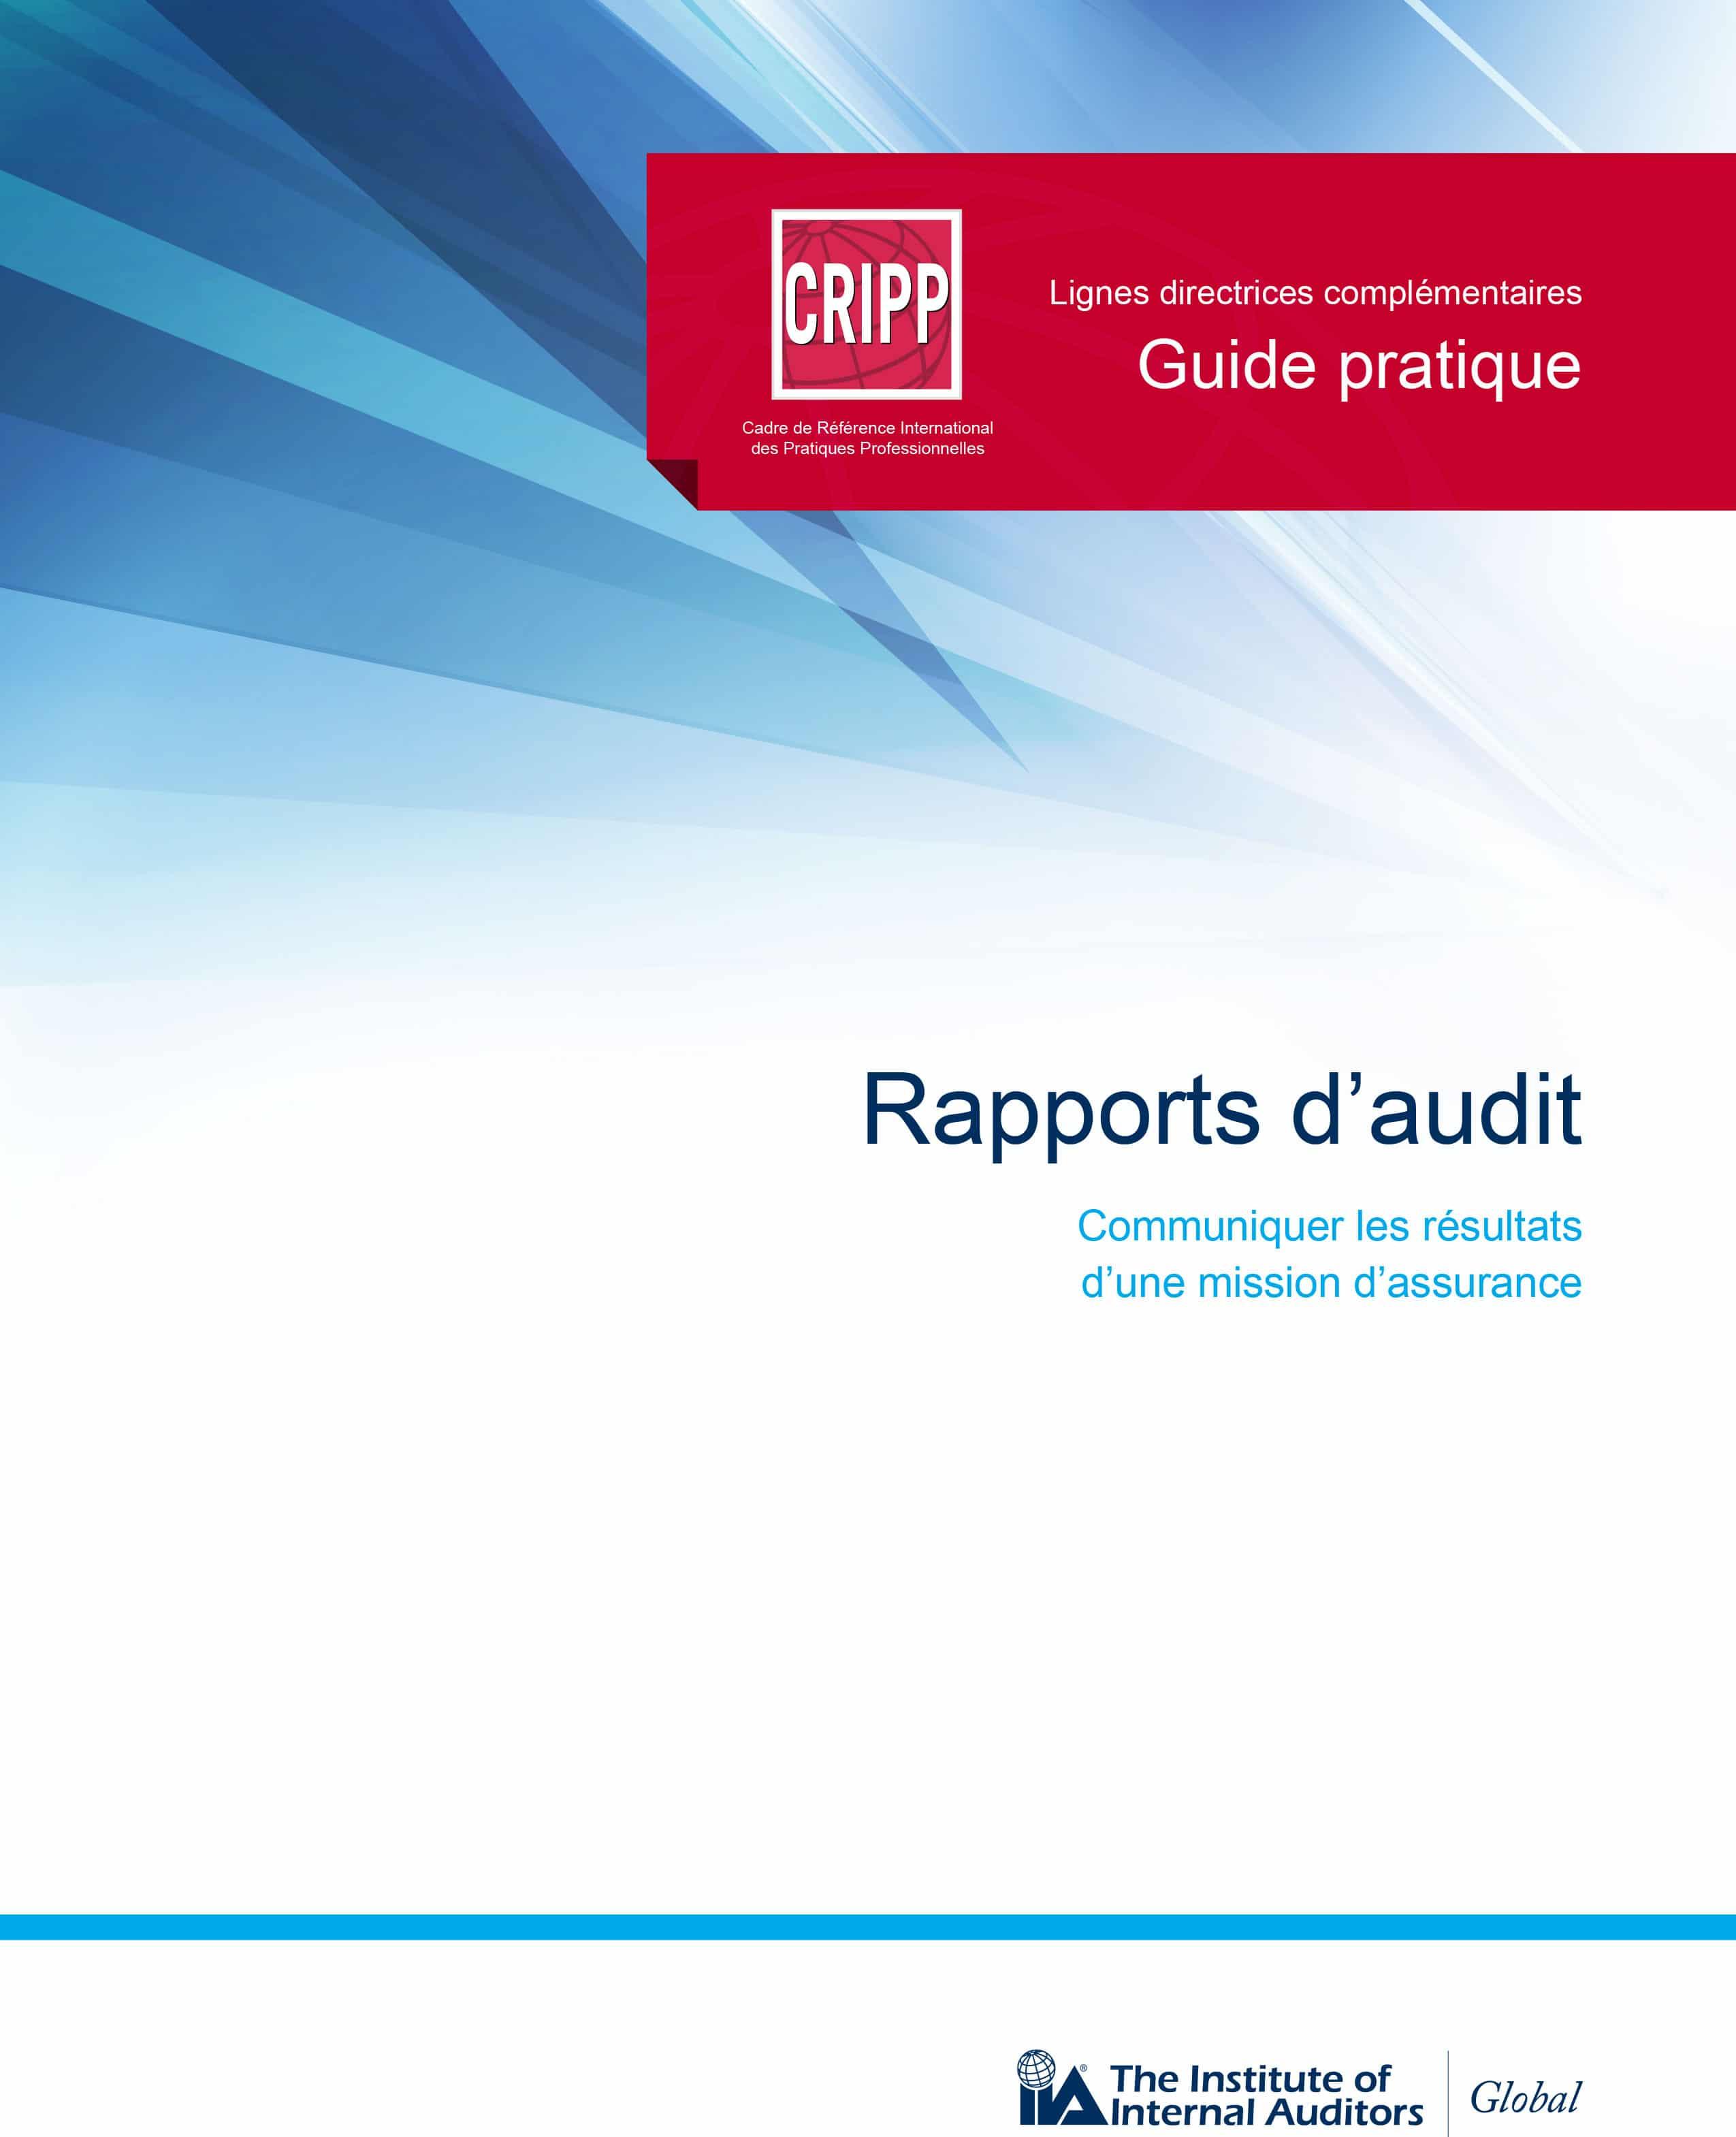 Guide pratique : Rapport d'audit – Communiquer les résultats d'une mission d'assurance